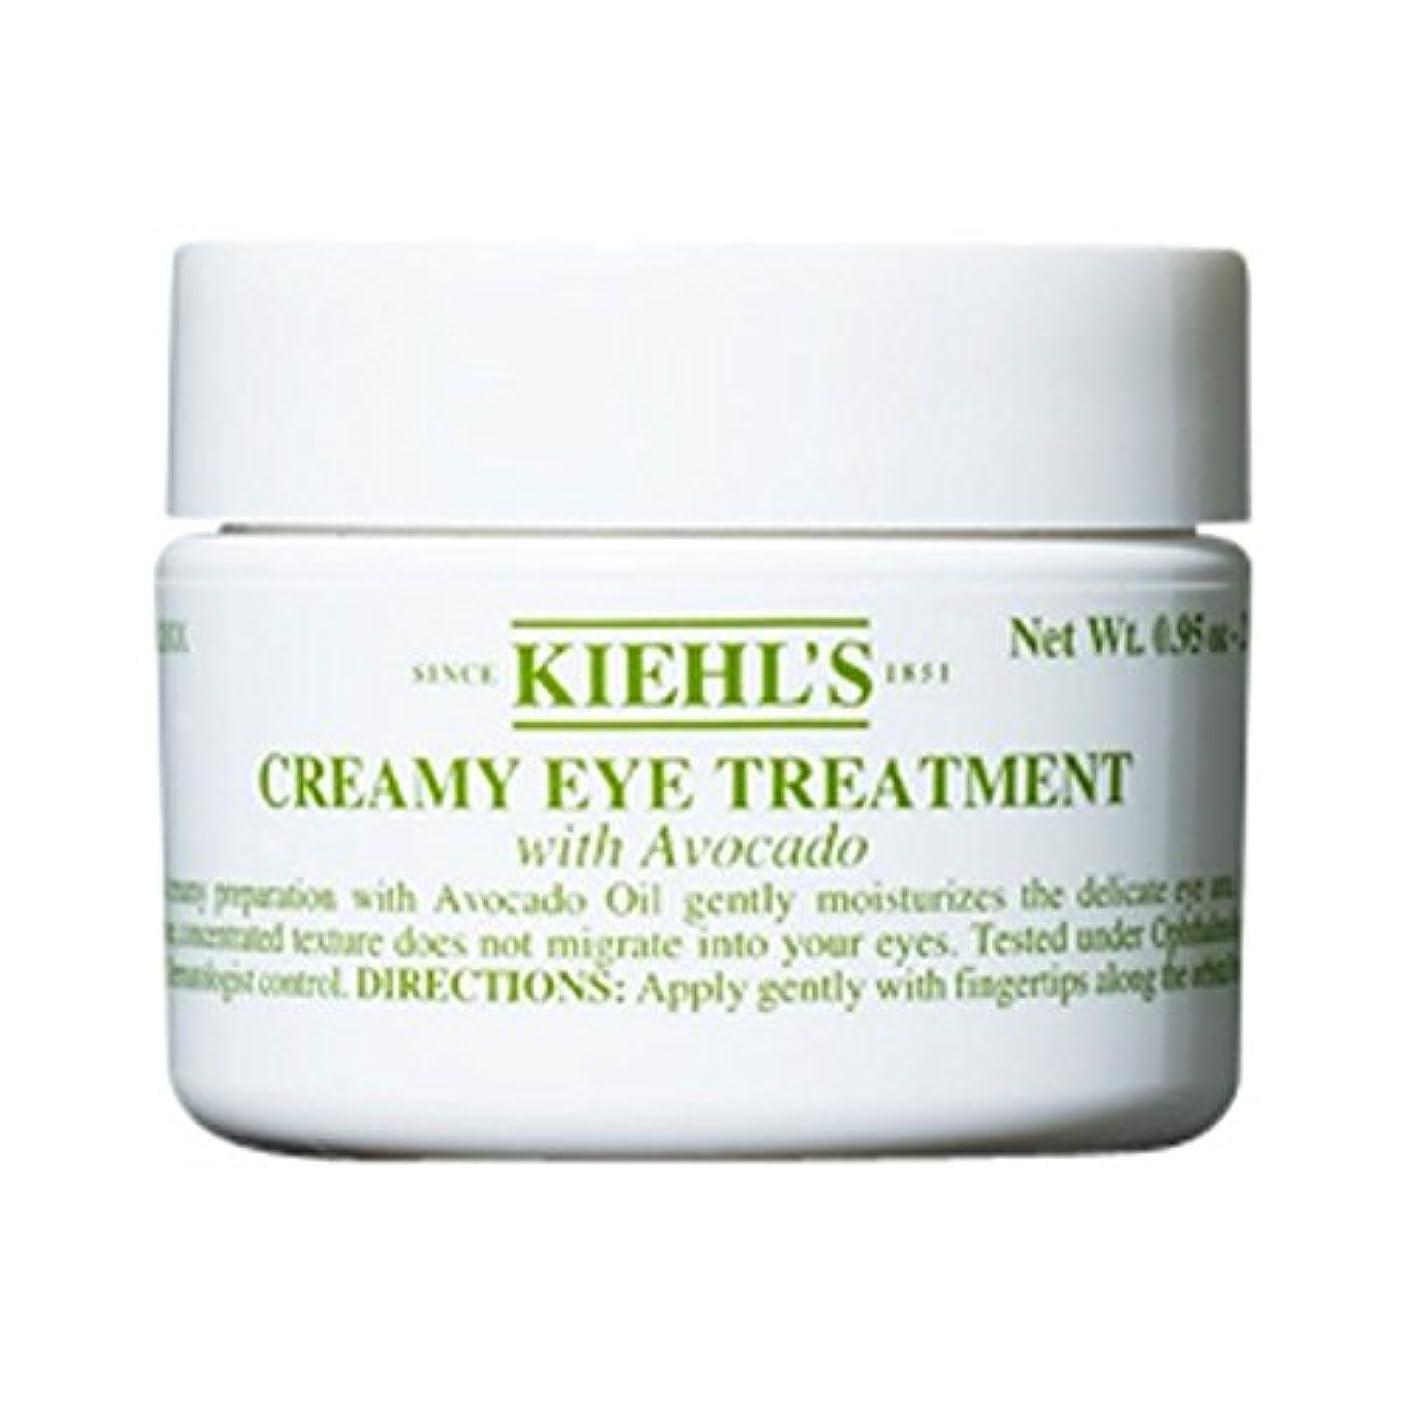 補助アトム触覚[Kiehl's] アボカドの28グラムとキールズクリーミーアイトリートメント - Kiehl's Creamy Eye Treatment With Avocado 28g [並行輸入品]